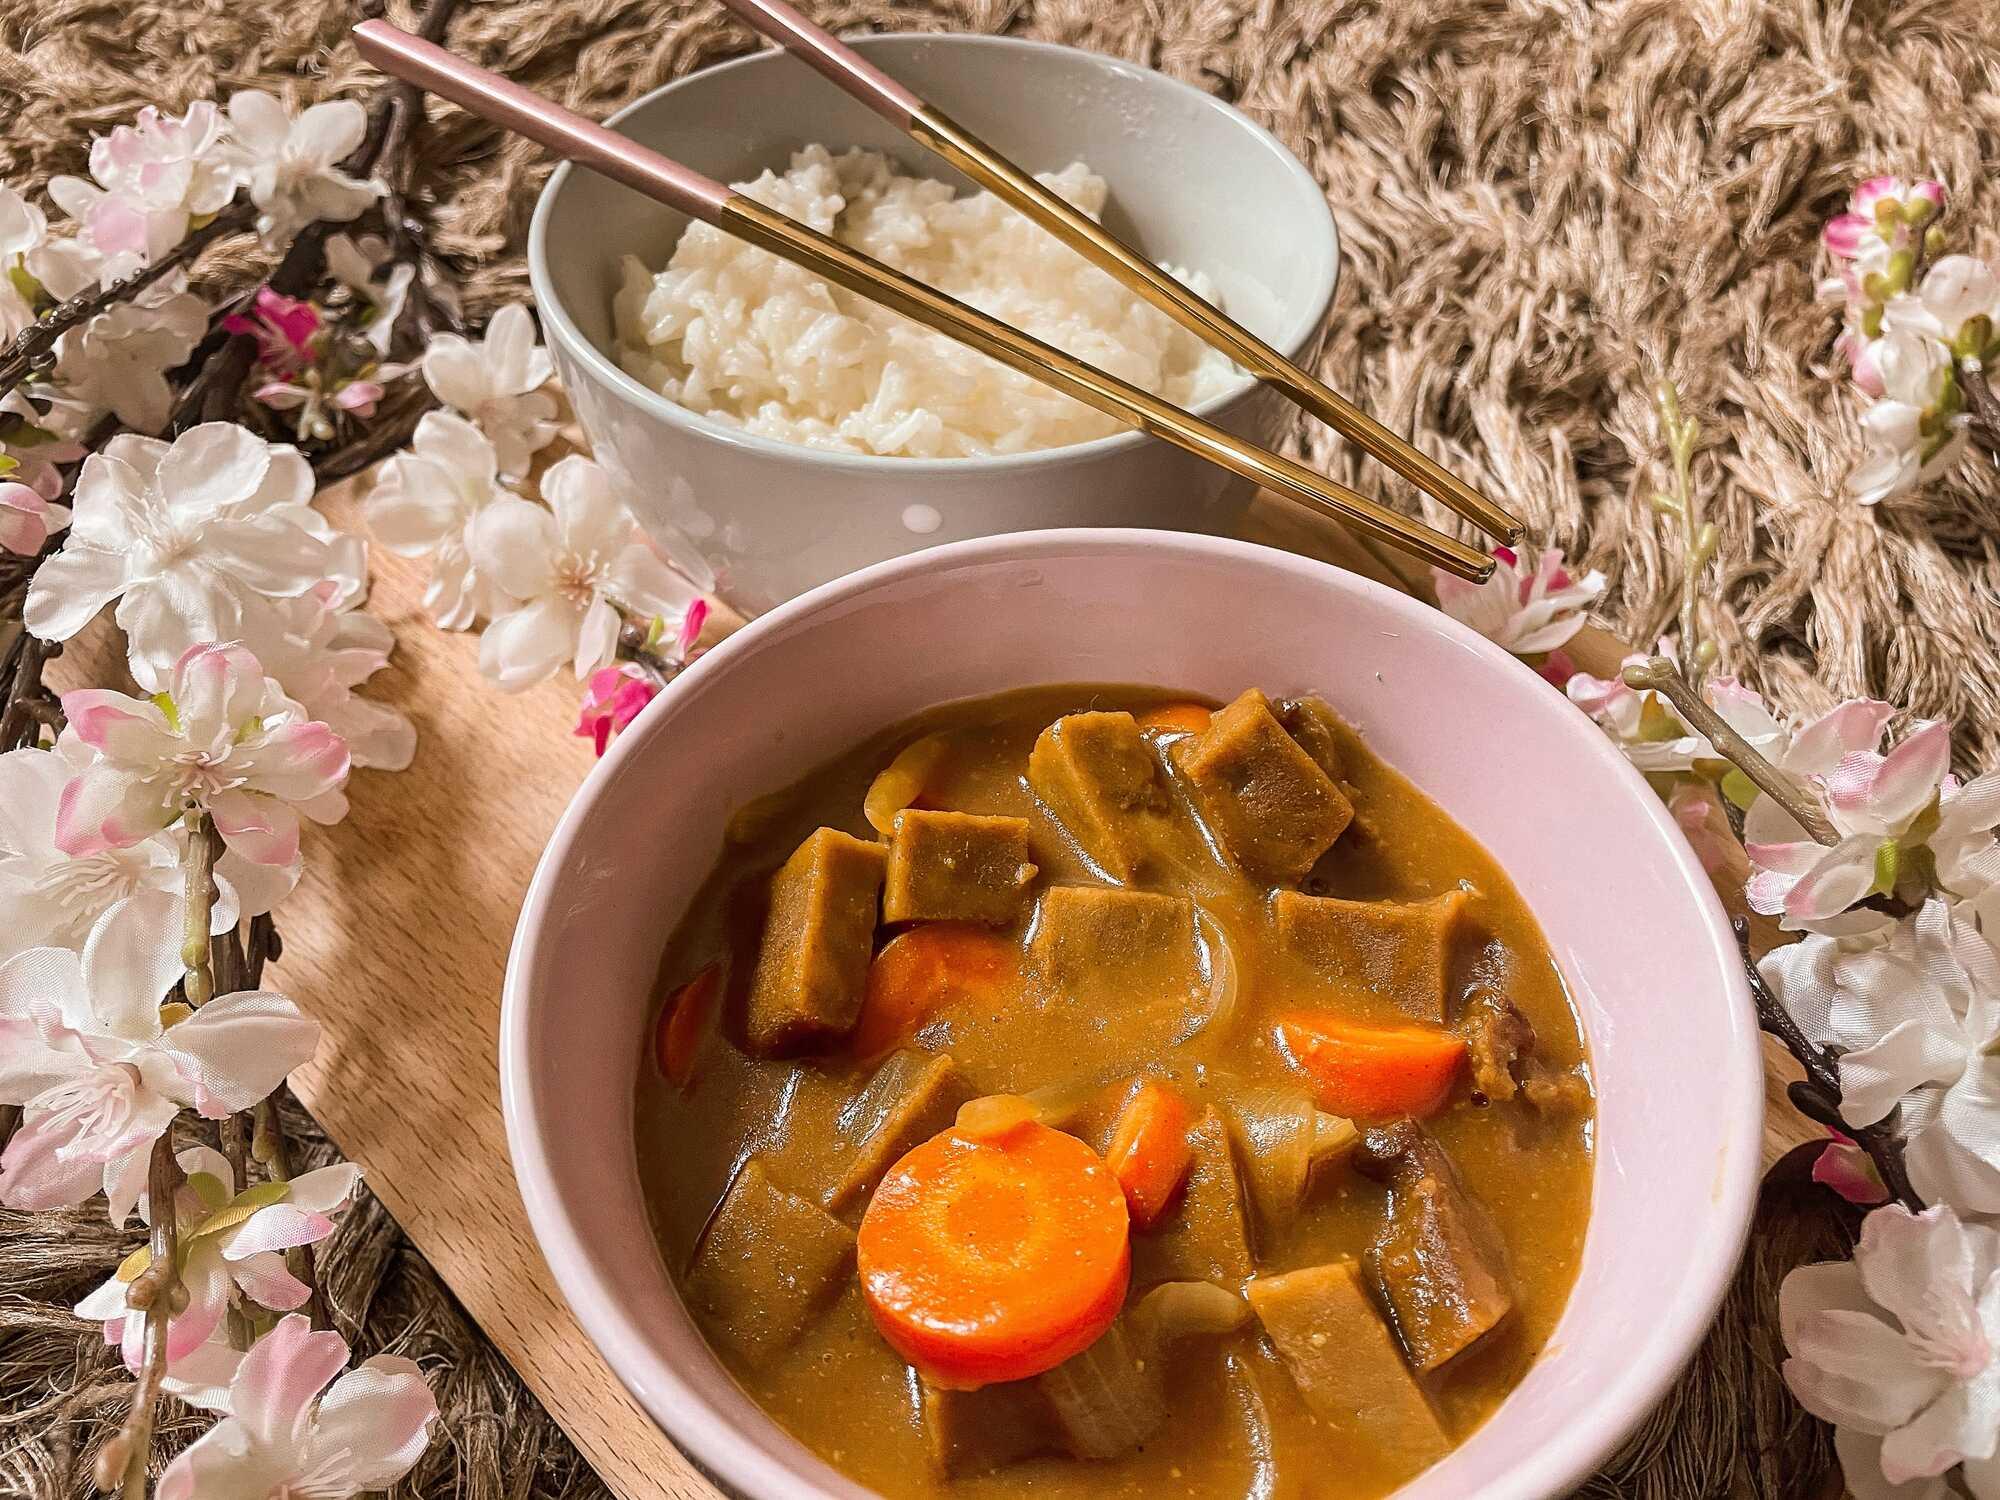 Le curry de seitan et carottes à la japonaise est accompagné d'un bol de riz à l'arrière plan, tout autour du curry il y a des fleurs de cerisier.